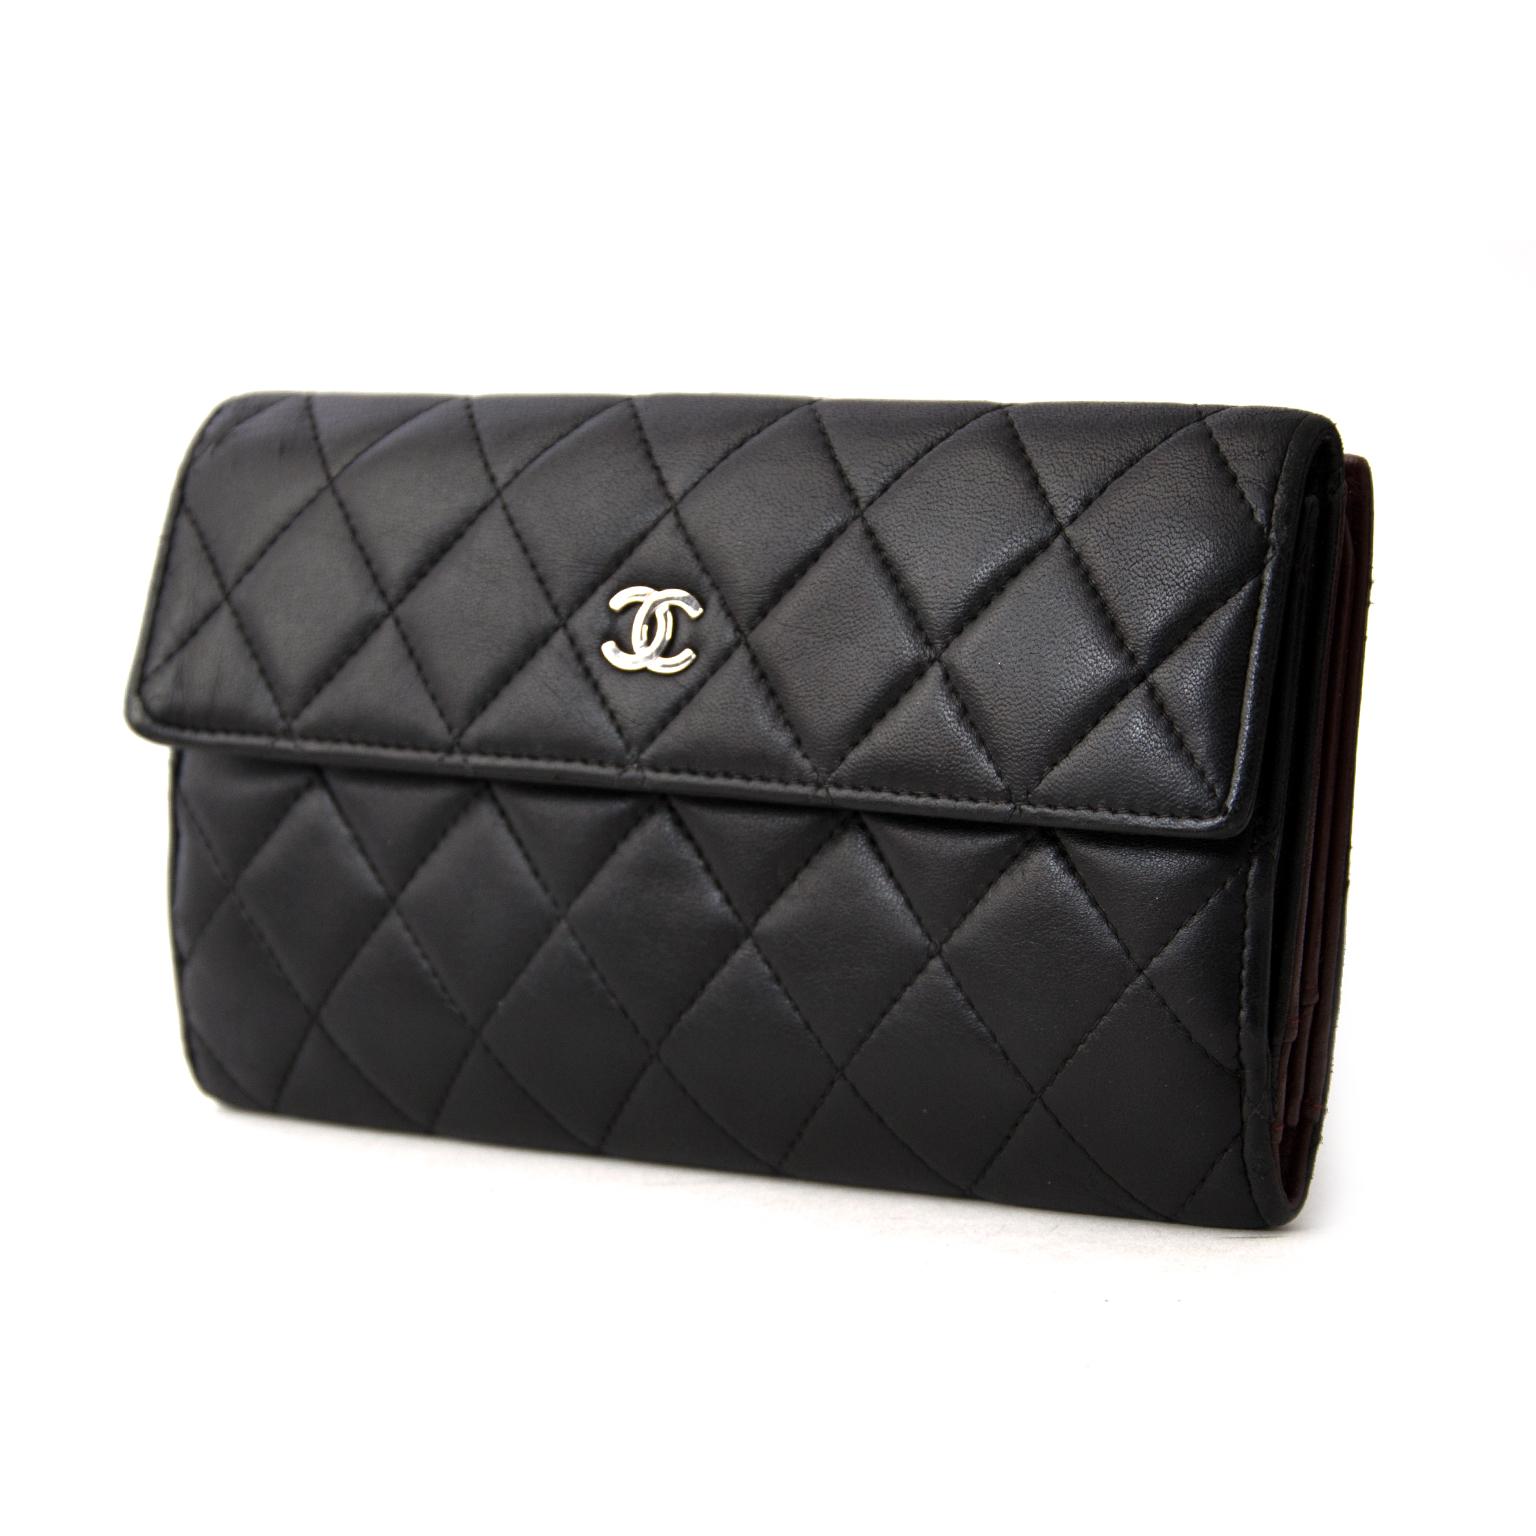 69ba41b88a4d ... best price comme neuf Chanel Classic Black Lambskin Wallet pour le  meilleur prix Chanel Classic Black Lambskin Wallet